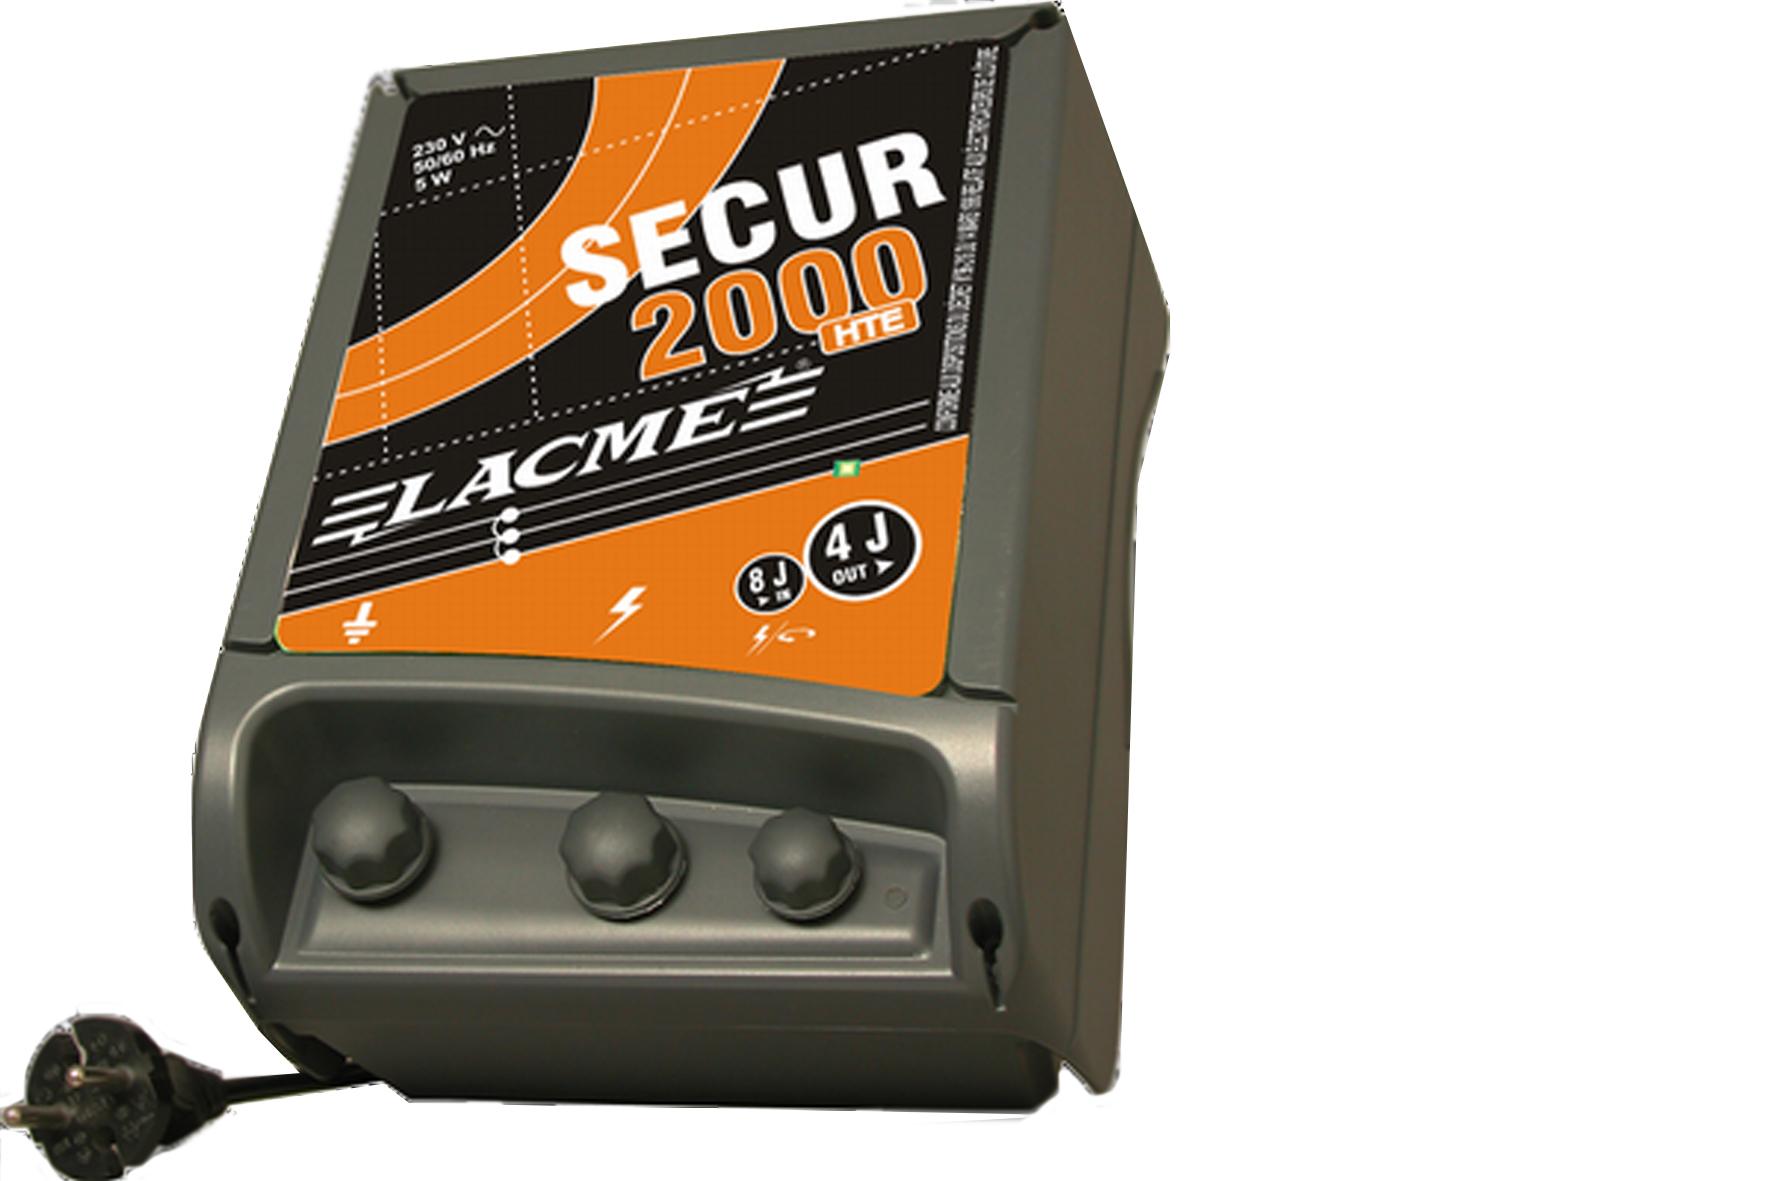 Electrificateur du rayon elevage achetez en ligne for Lacme clos 2000